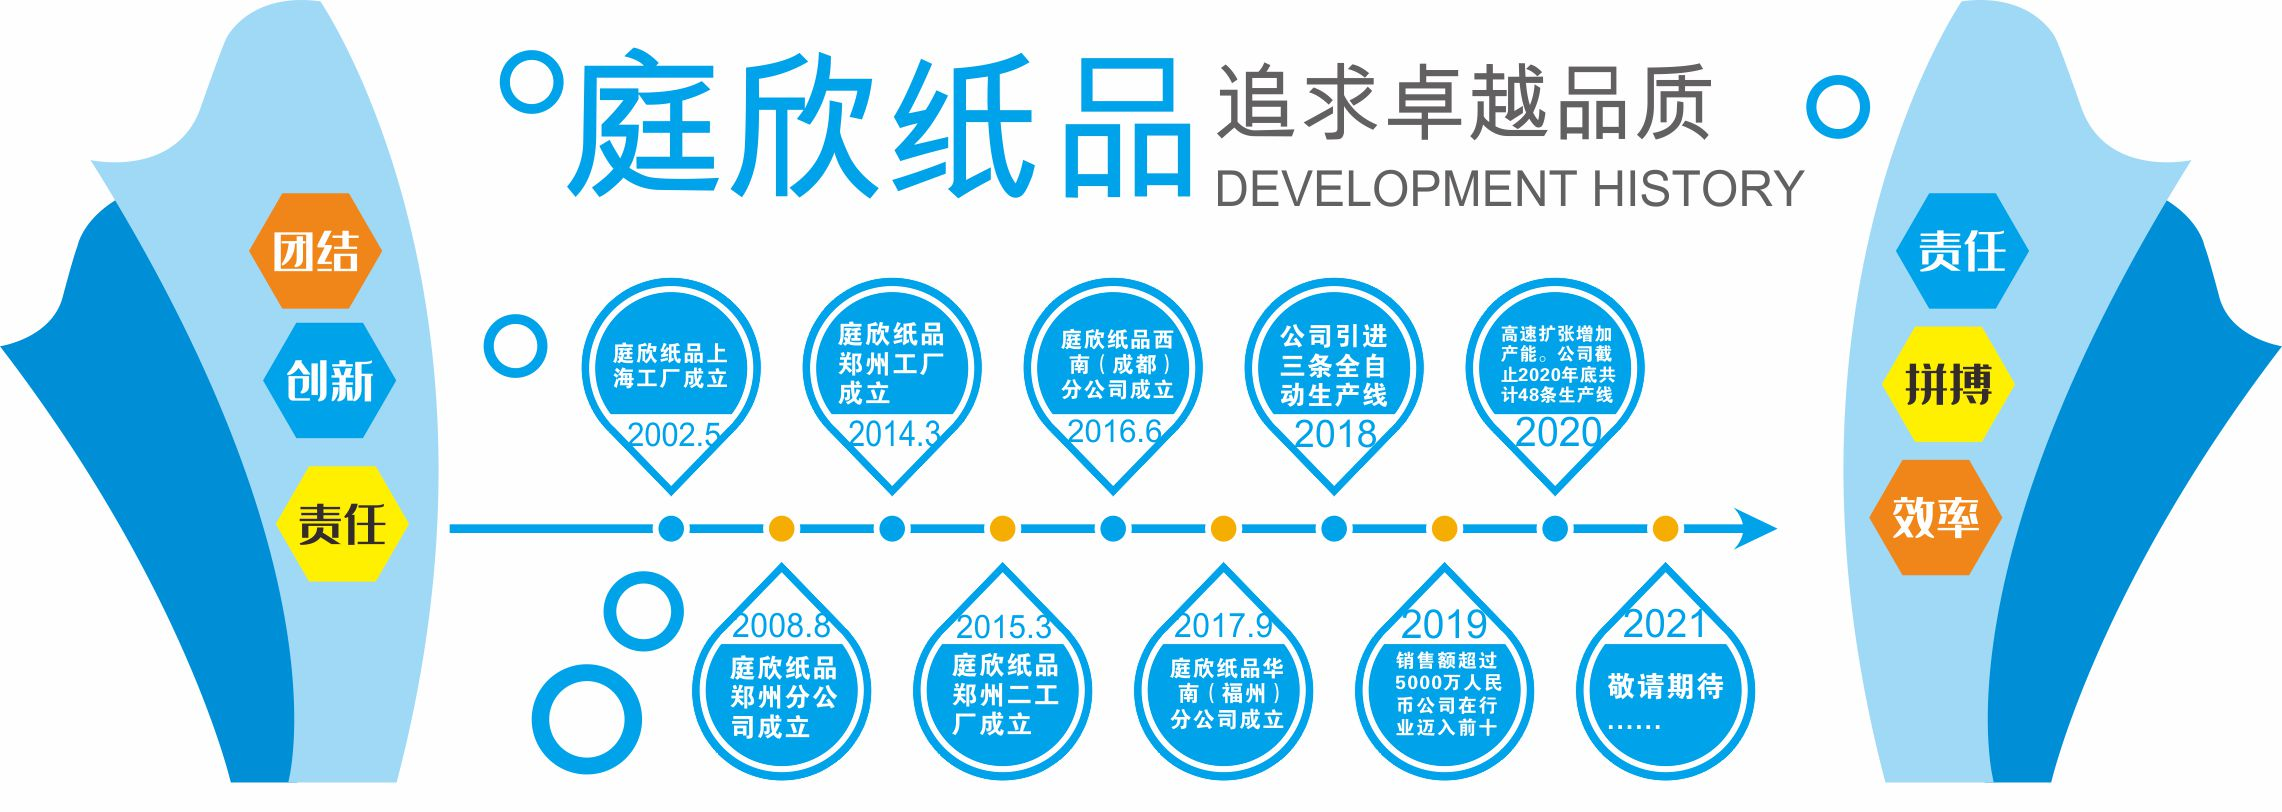 发展历程.jpg